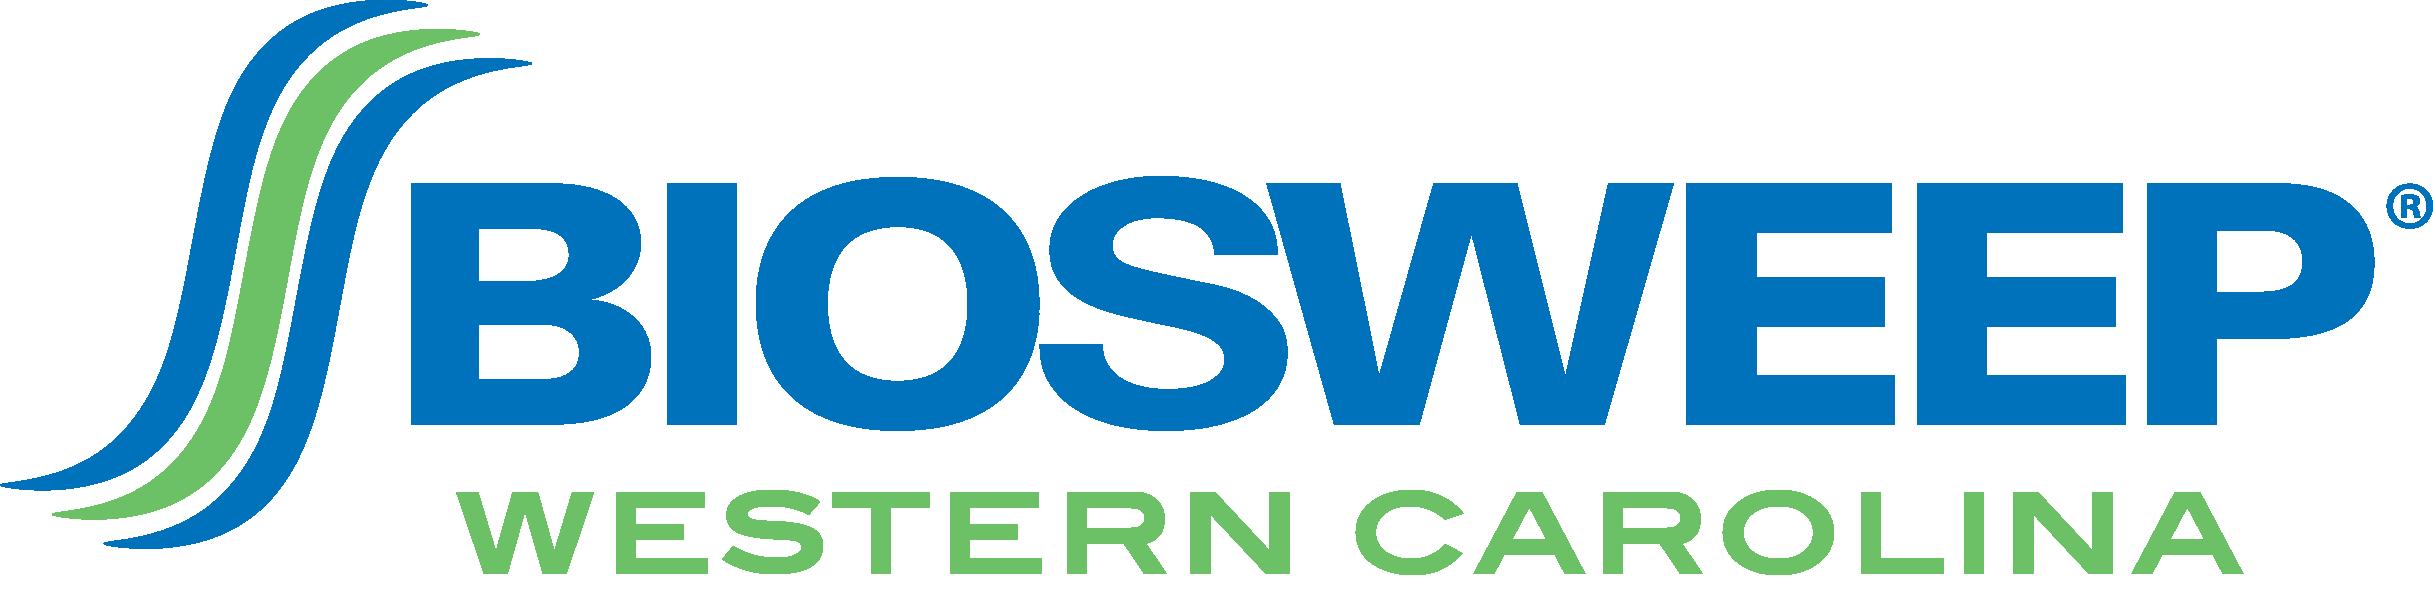 Biosweep-WesternCarolina-fullcolor.png